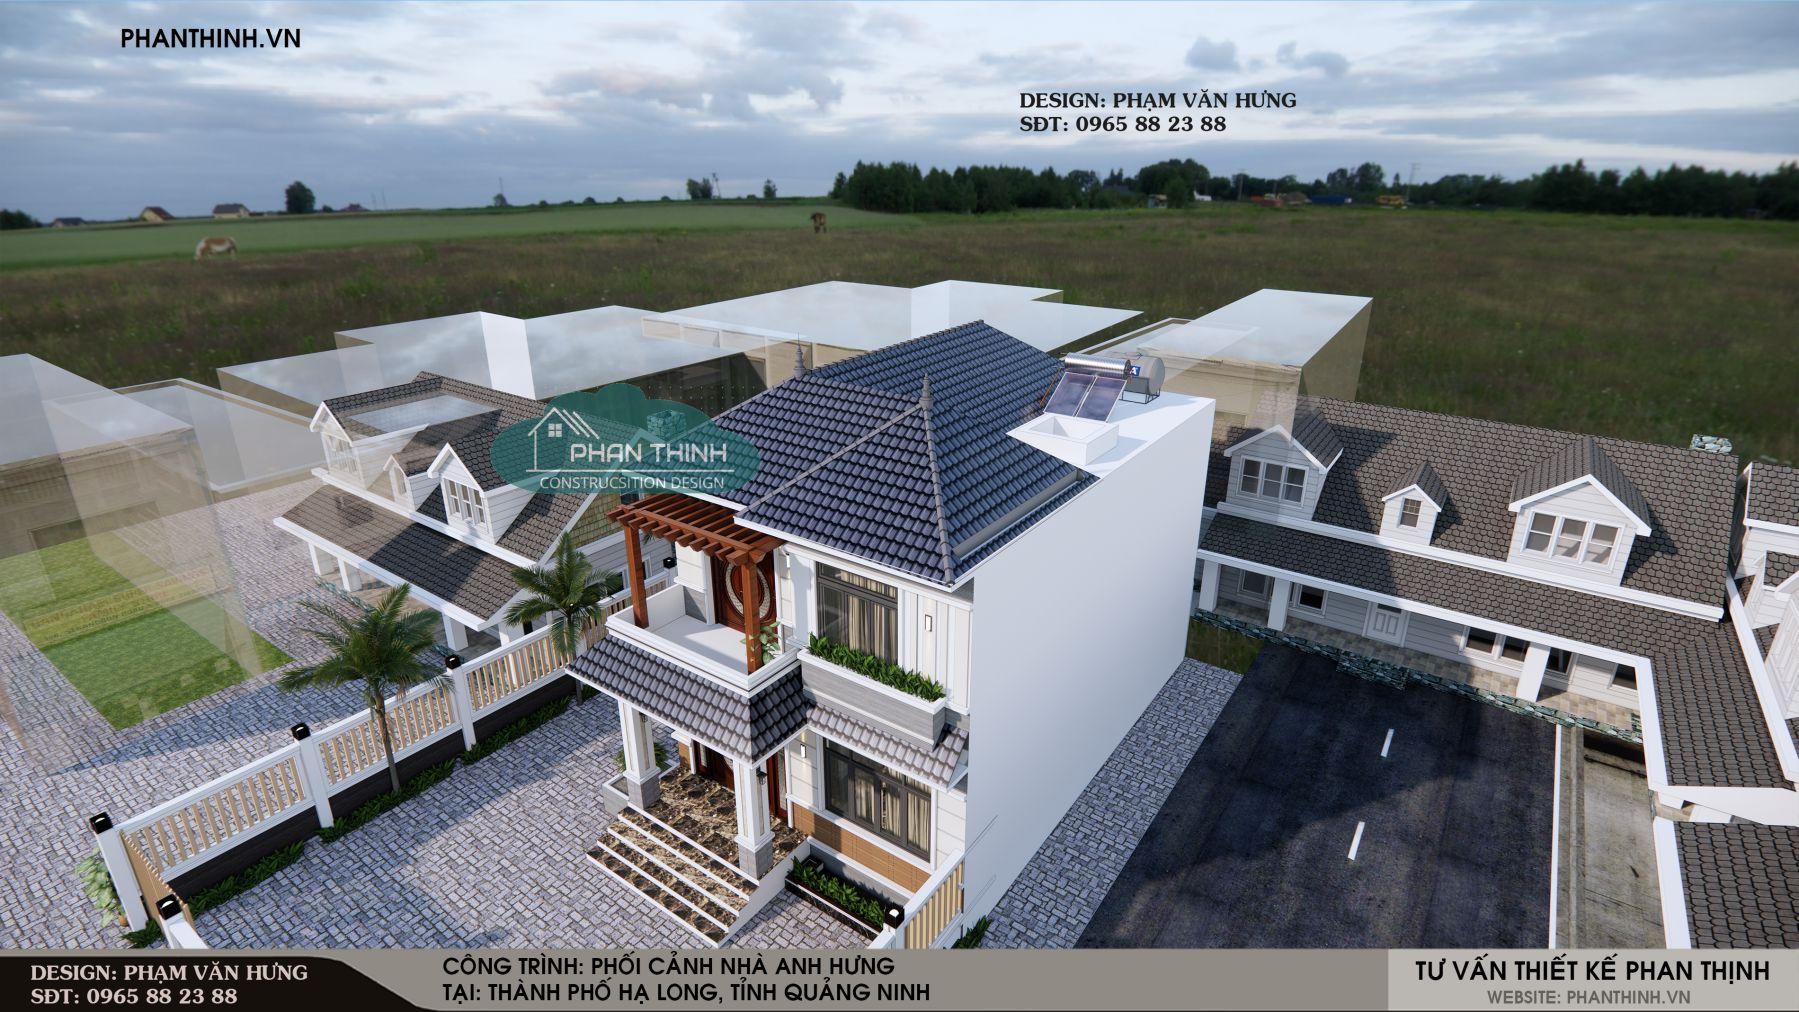 Thiết kế nhà biệt thự 2 tầng mái thái ở Quảng Ninh